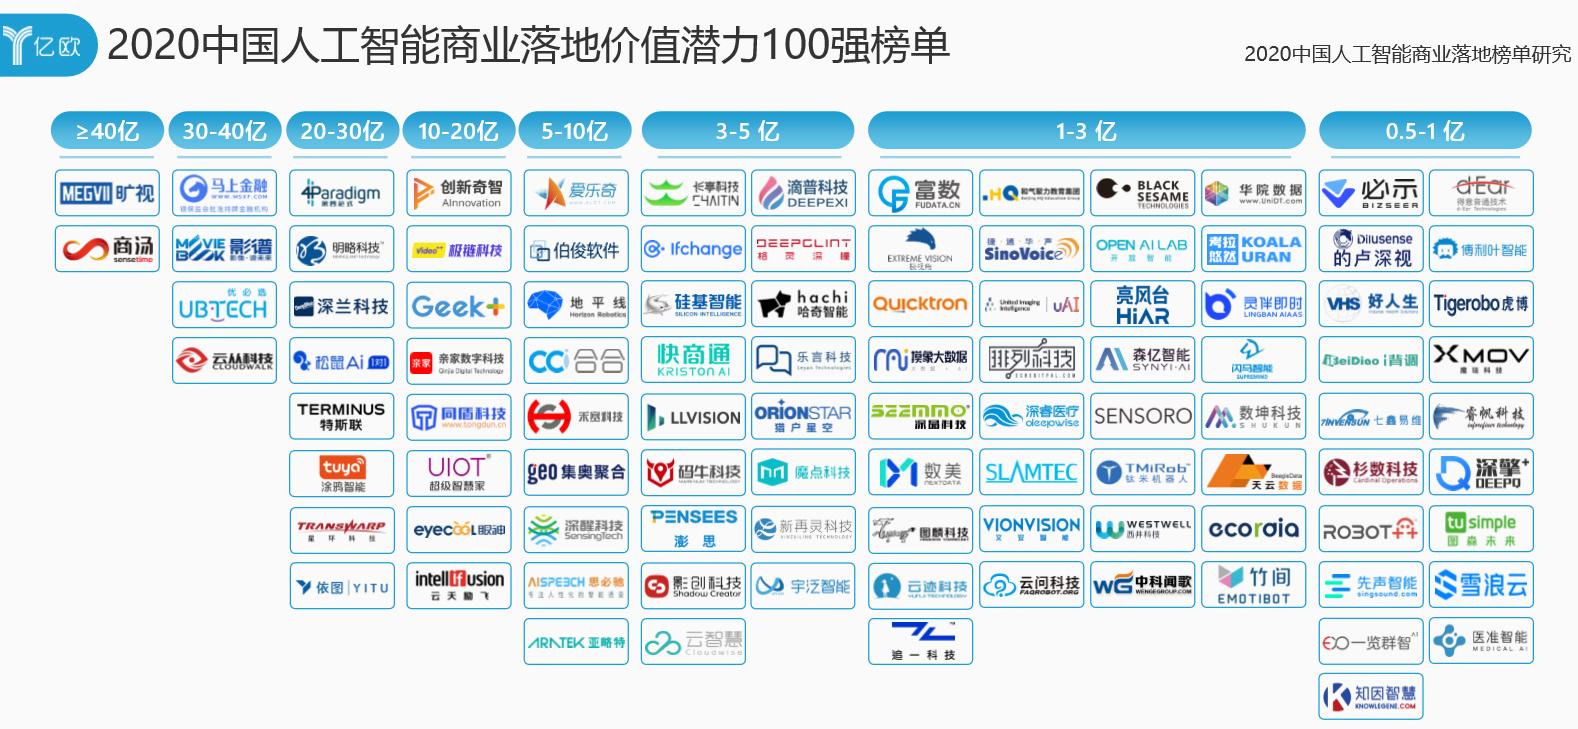 2020 中國人工智能商業落地價值潛力100強